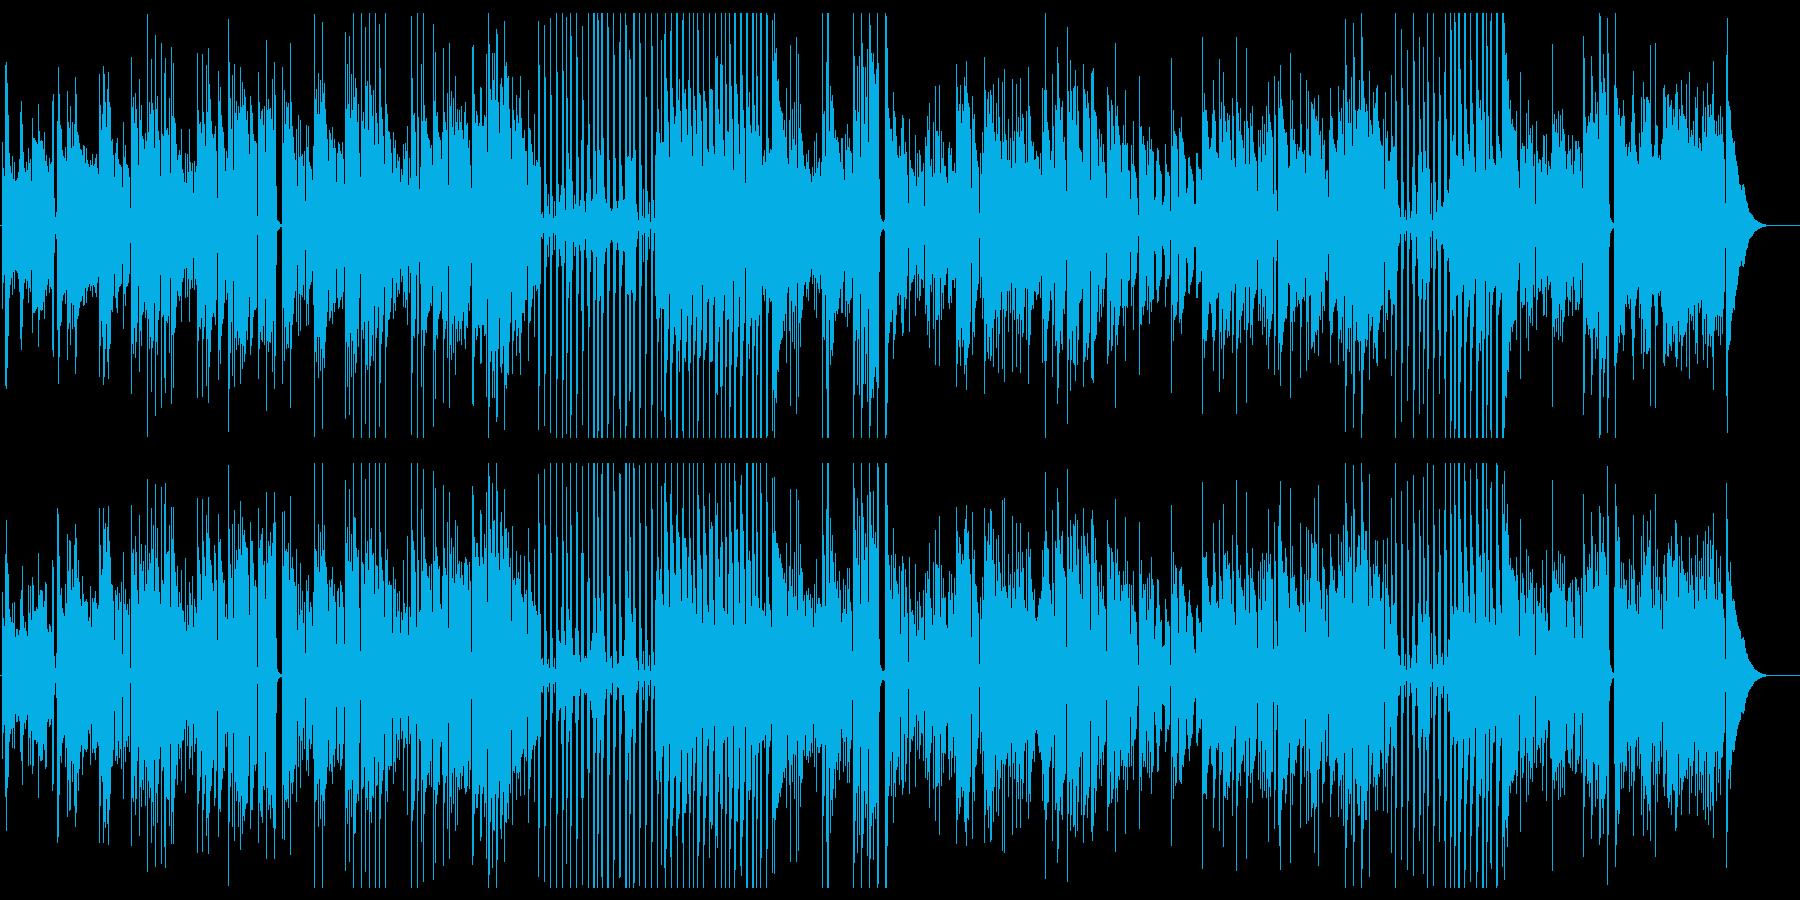 爽やかな風のふくアコギインストの再生済みの波形